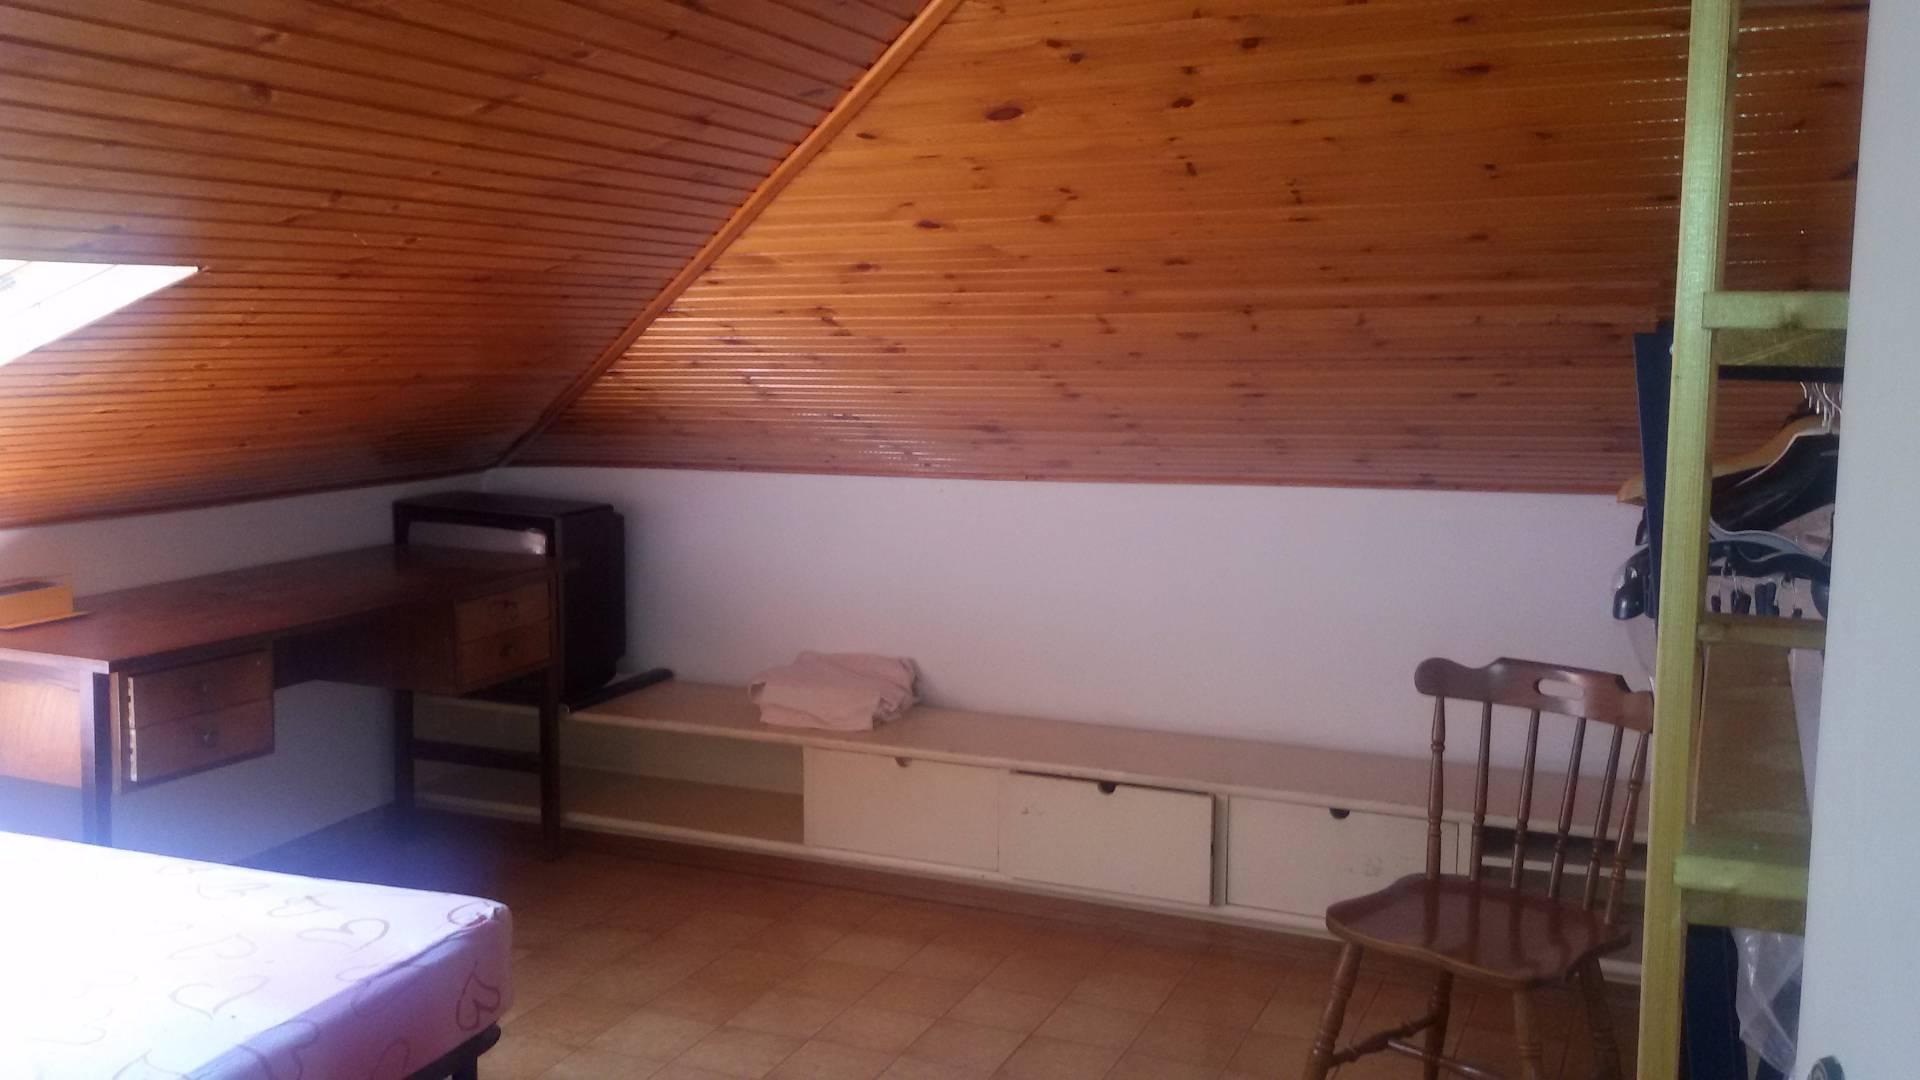 Attico / Mansarda in affitto a Baronissi, 3 locali, zona Zona: Orignano, prezzo € 350 | Cambio Casa.it